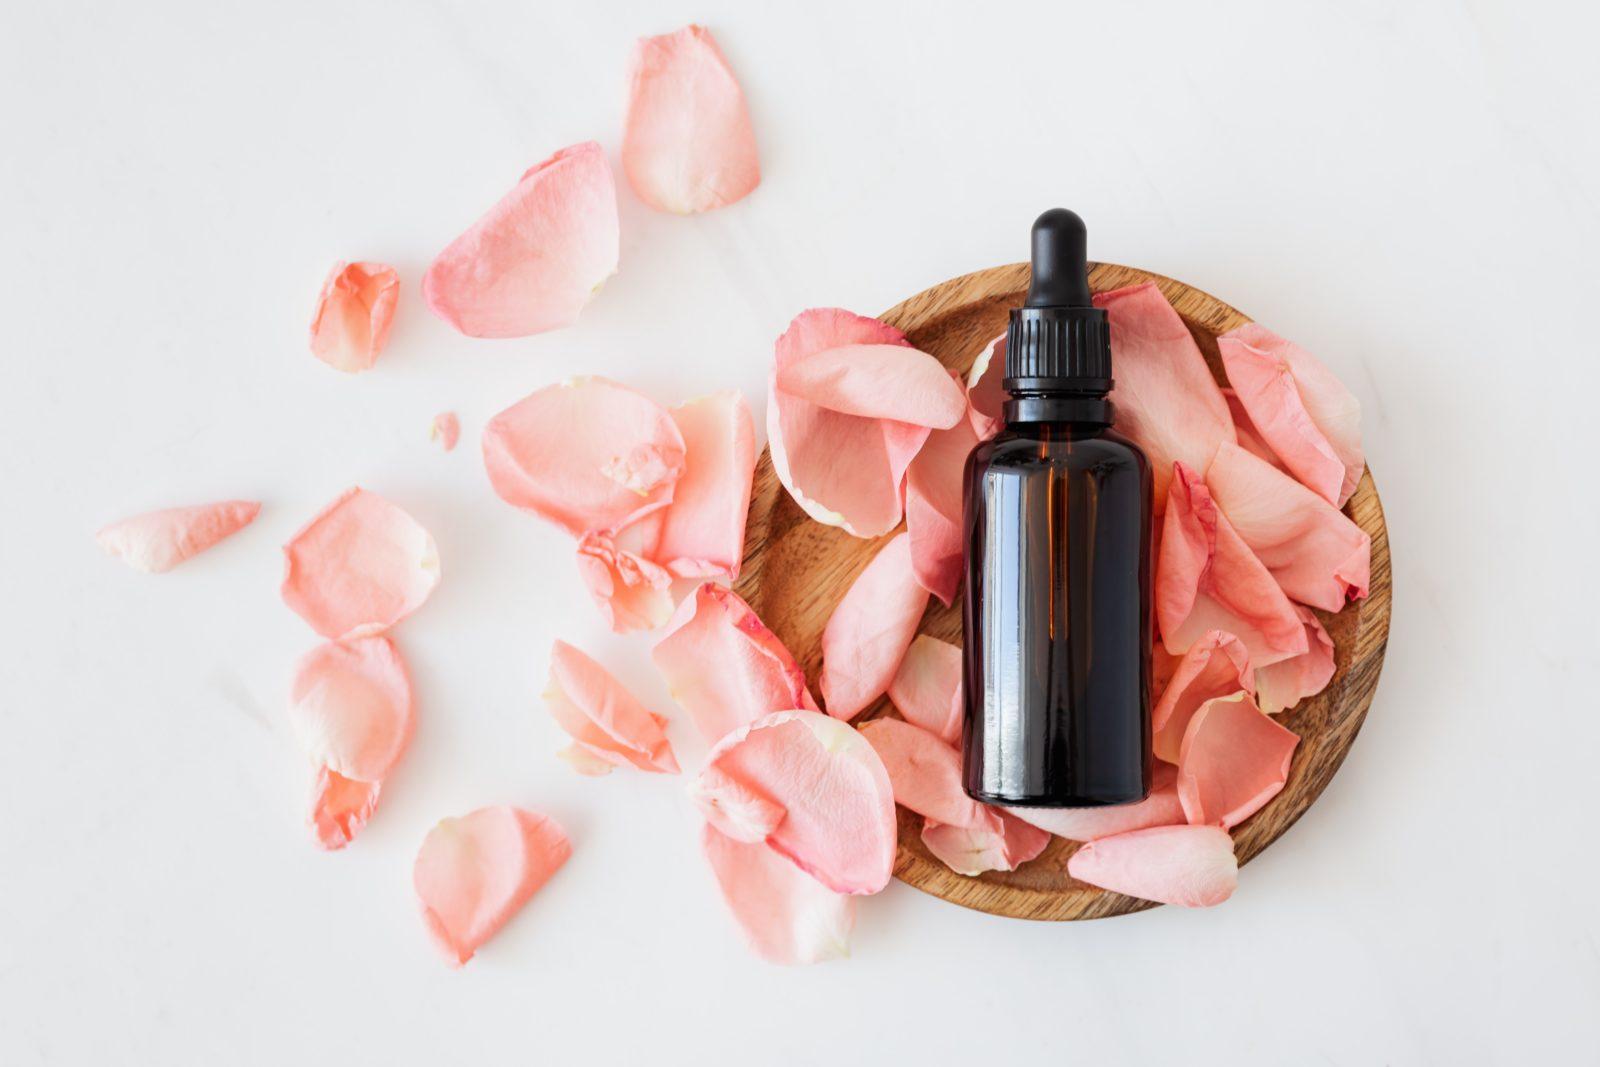 Huile végétale de rose musquée, hydratante et parfaite pour lutter contre les vergetures.